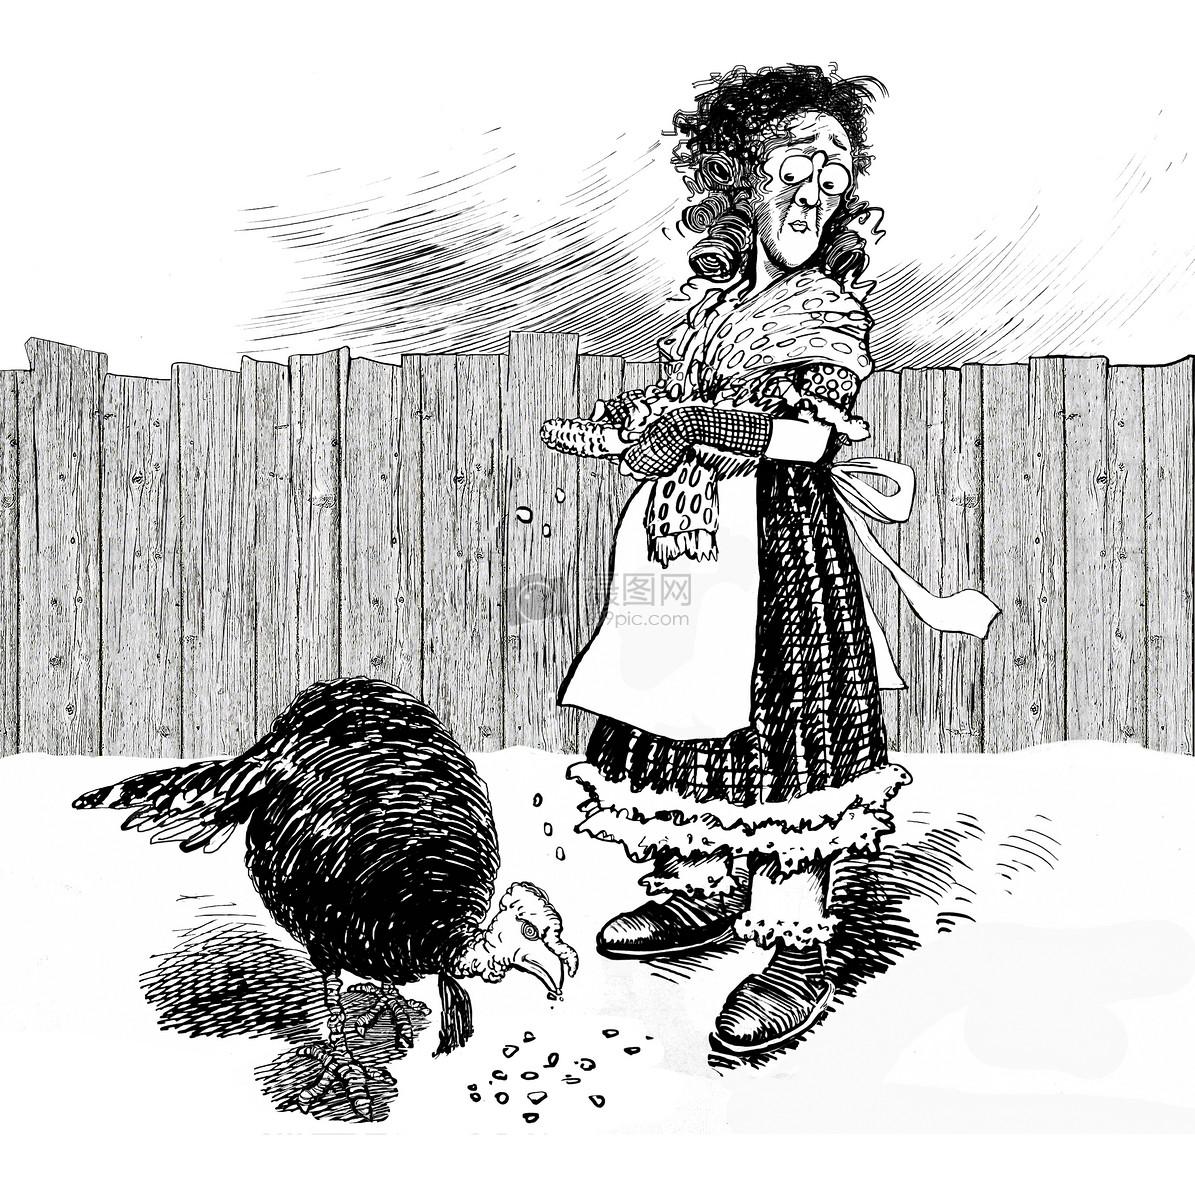 喂火鸡的女人简笔画